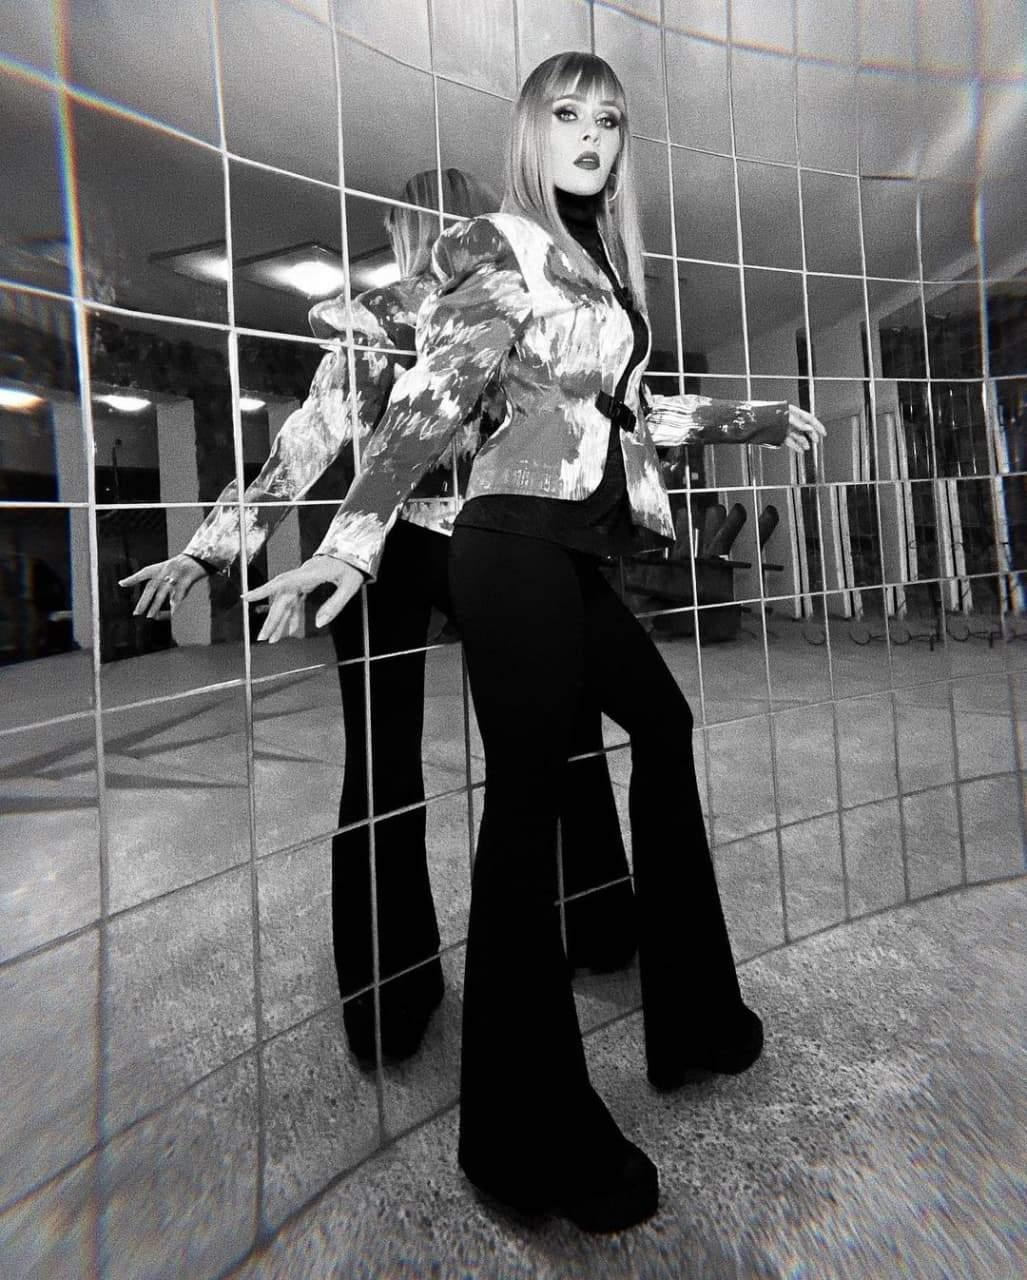 Ефектний образ Юлії Саніної / Фото з інстаграму співачки